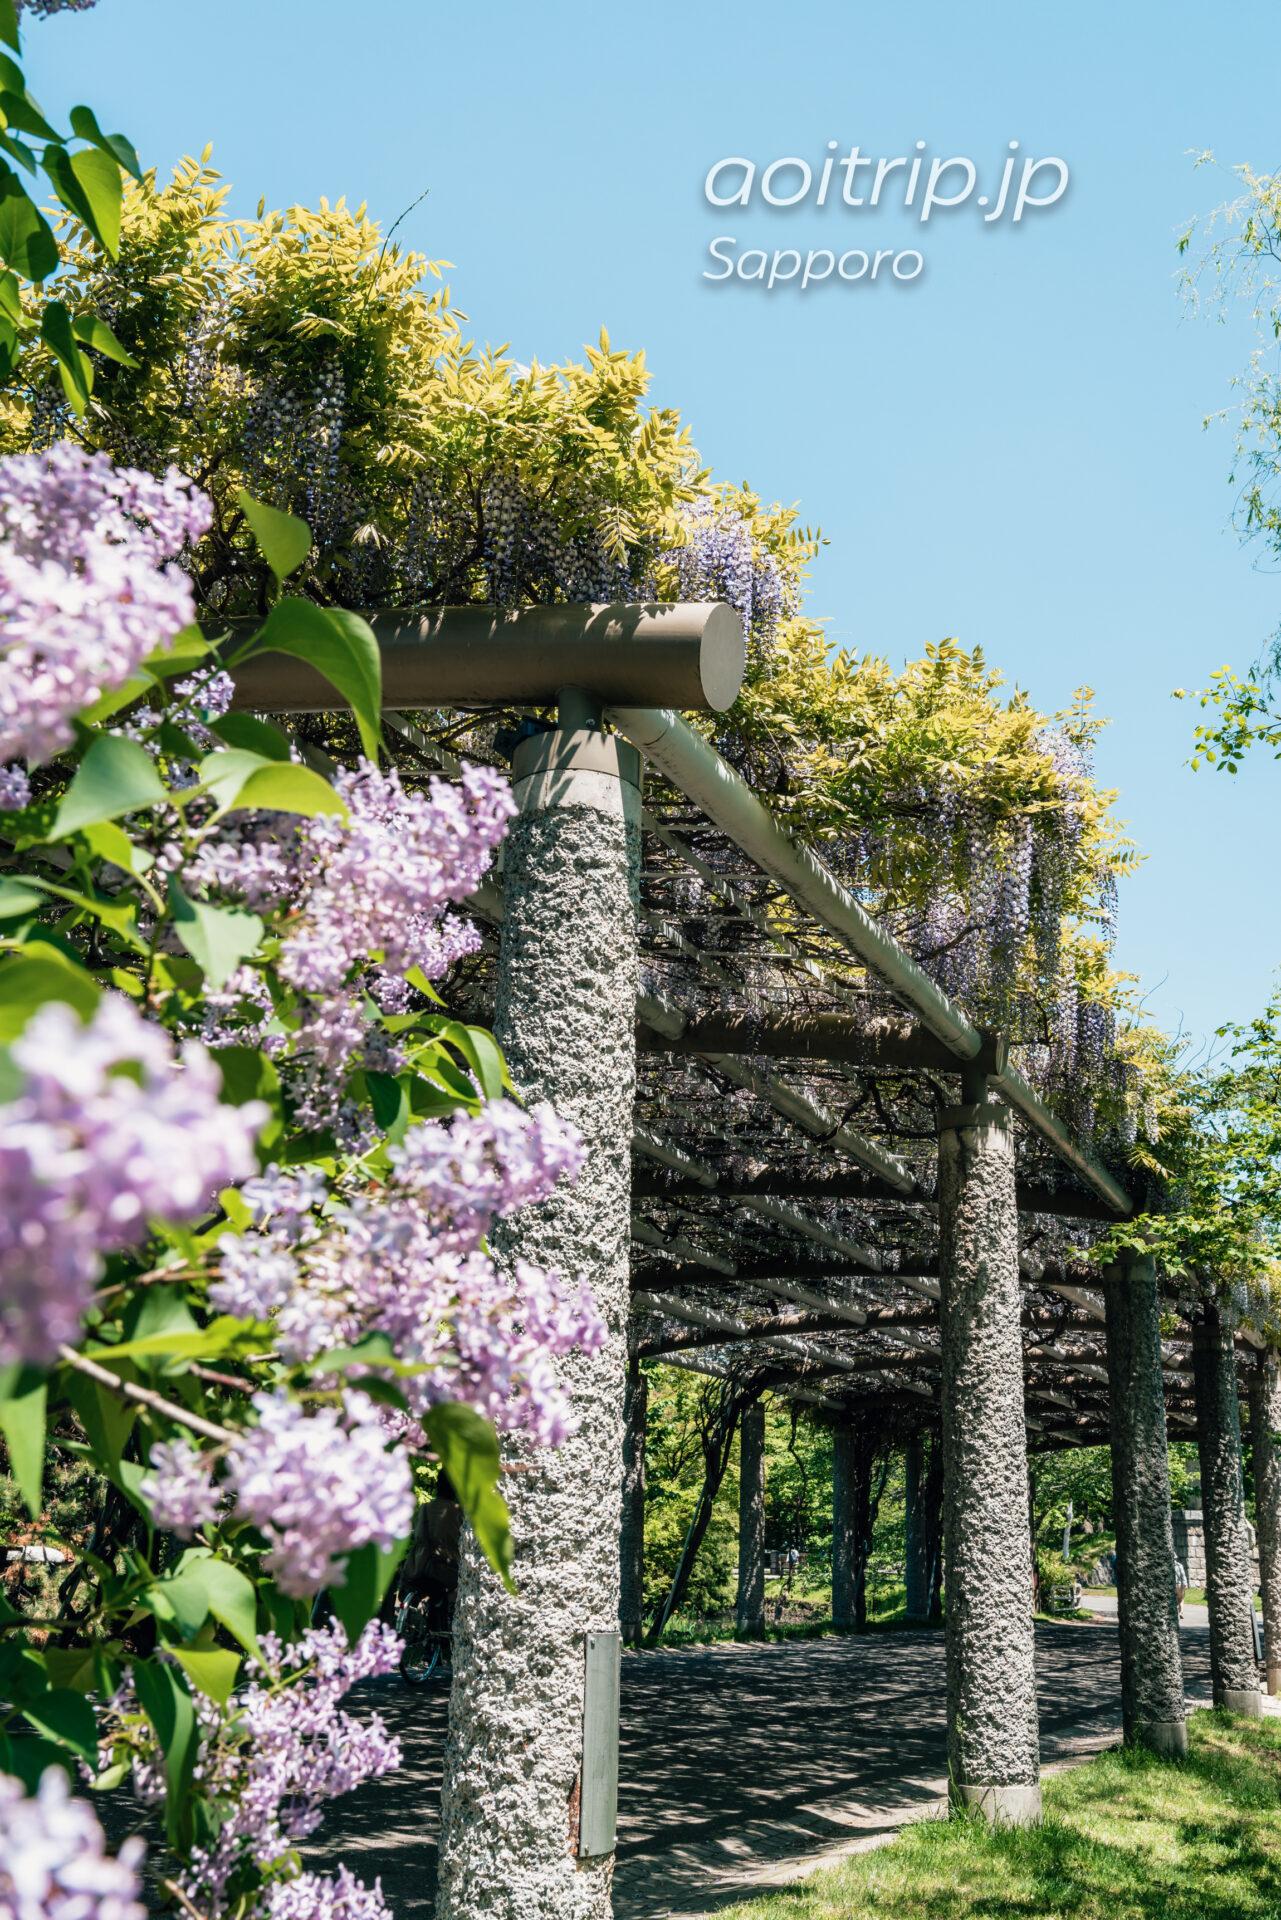 札幌中島公園の藤棚